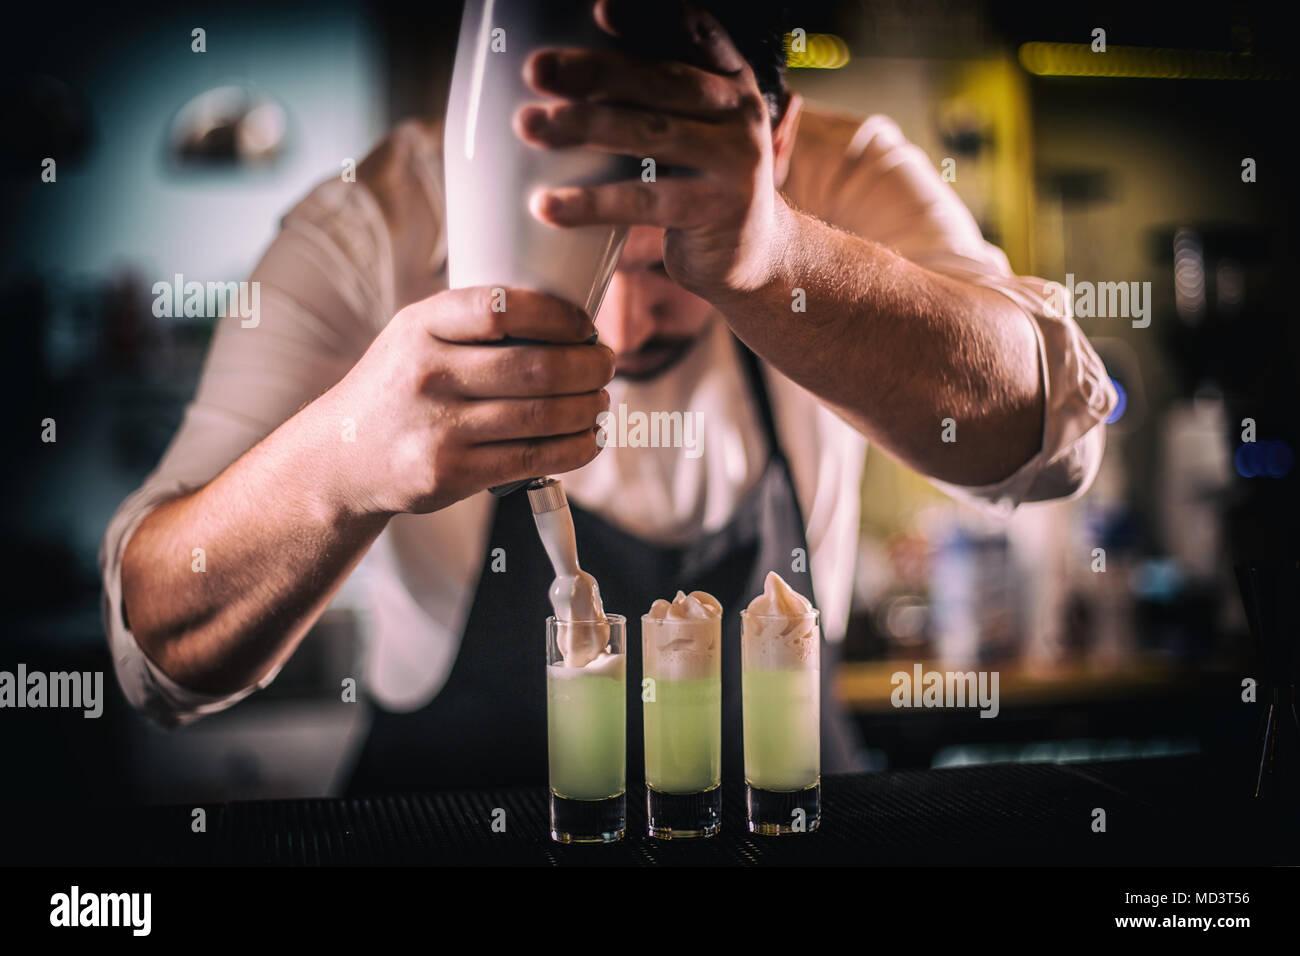 Bartender decorating shots with hazelnut whipped cream - Stock Image